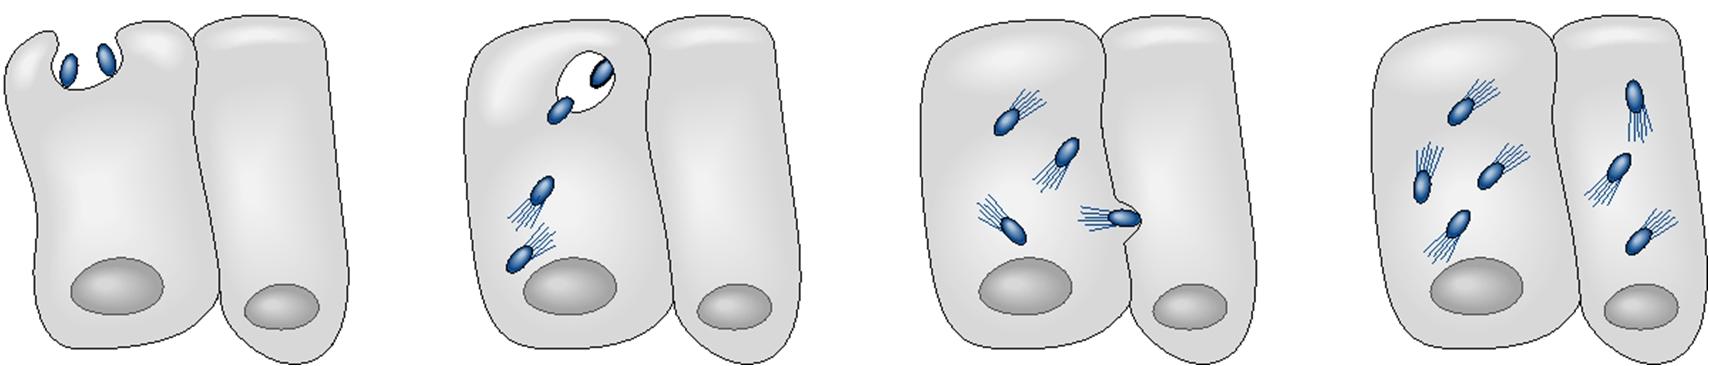 Monocytogenes gram positive pathogen. Bacteria clipart listeria